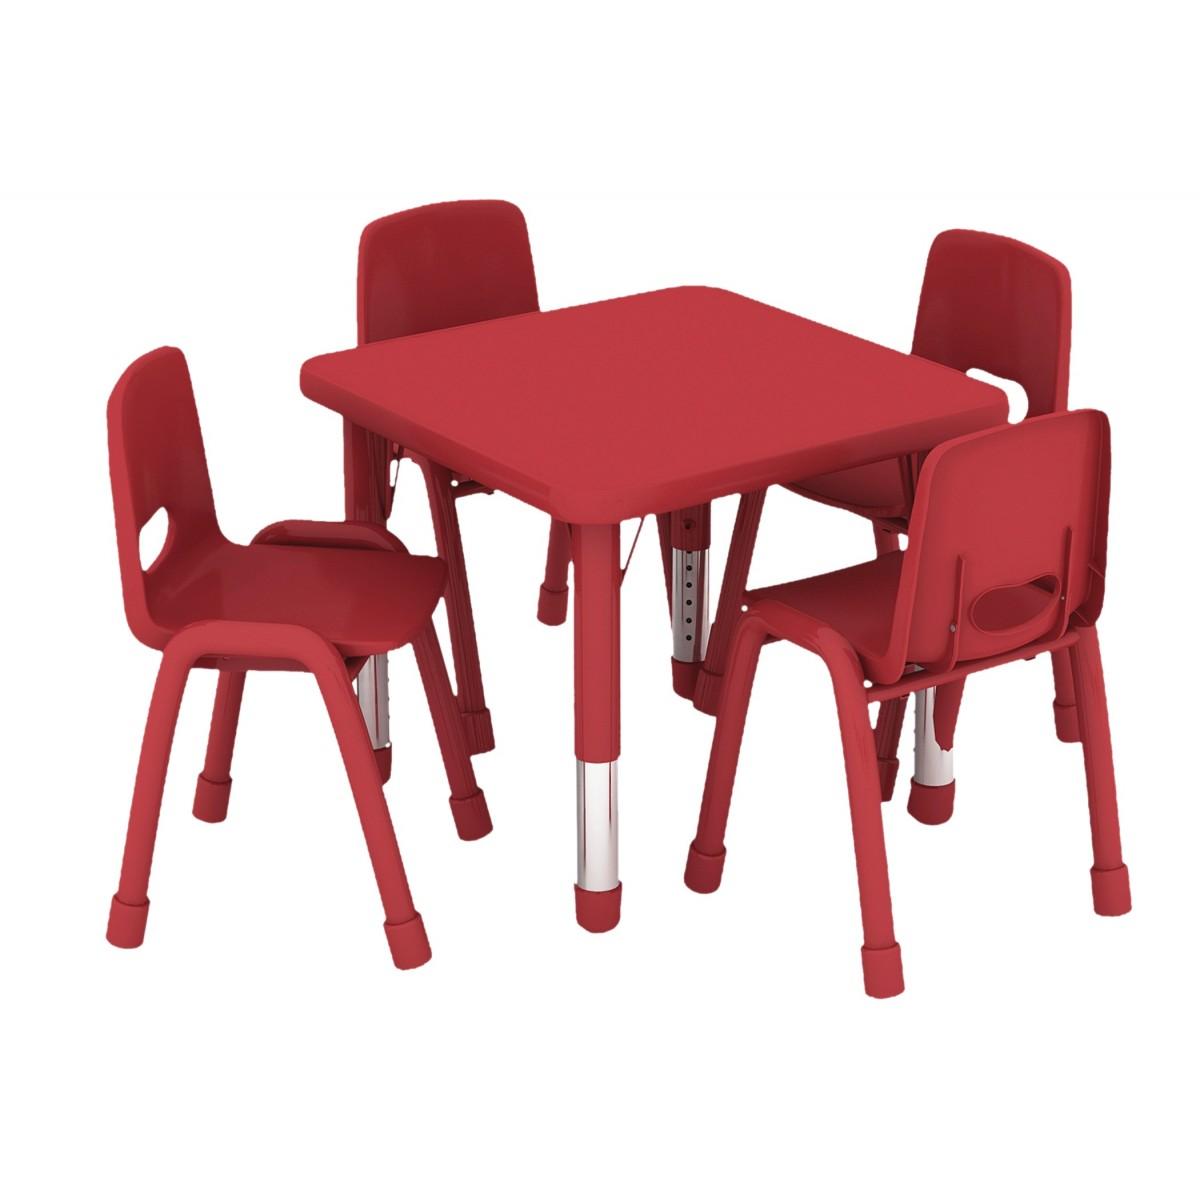 طاولة مربعة متعددة المستويات خشب  60*60*37-62 سم-دون الكراسي